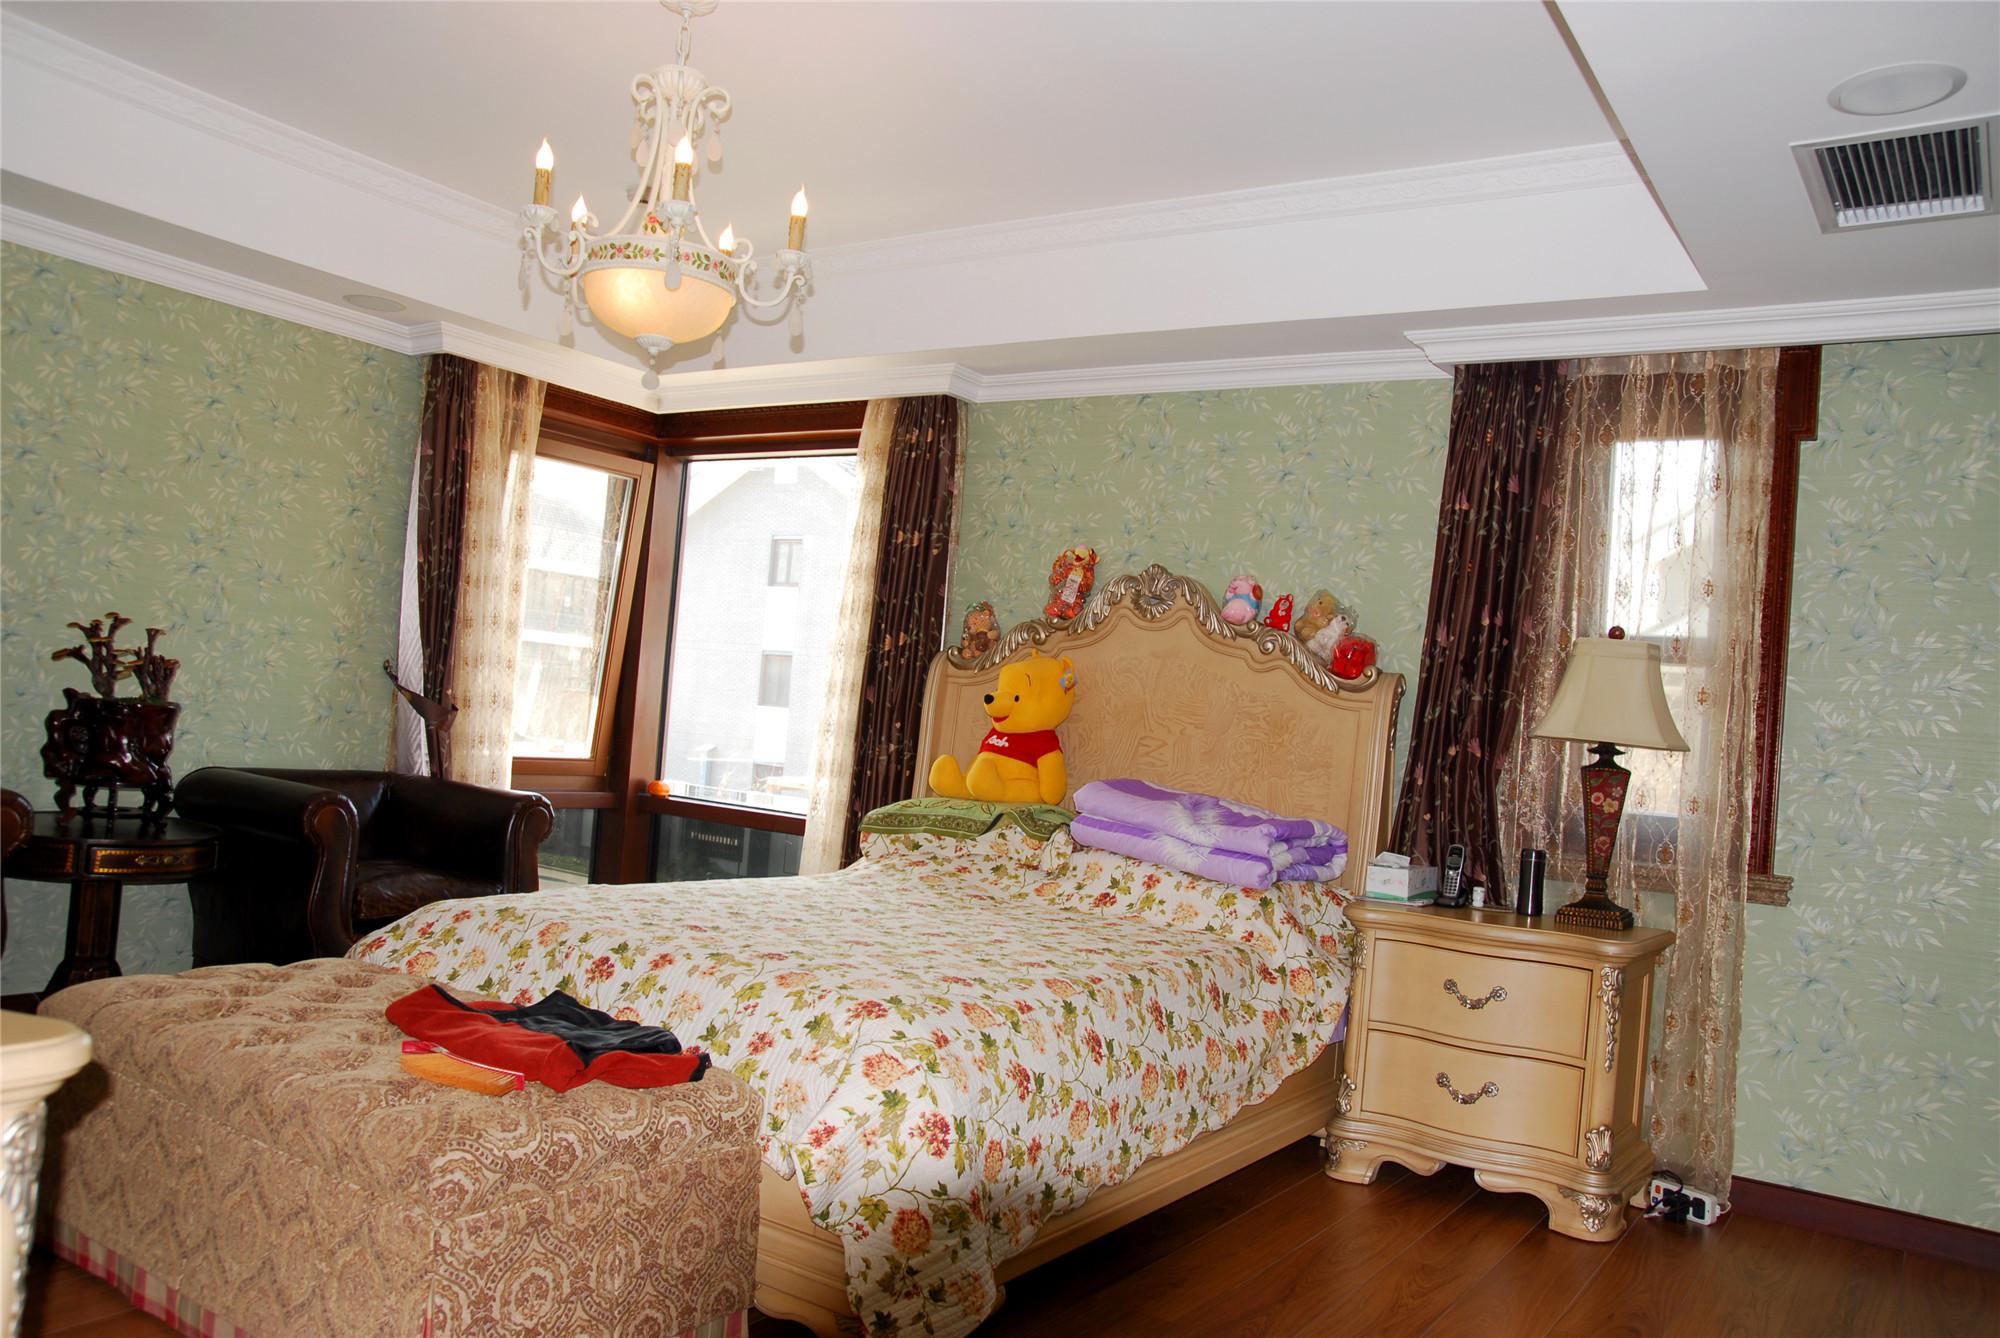 中欧式混搭别墅装修儿童房设计图